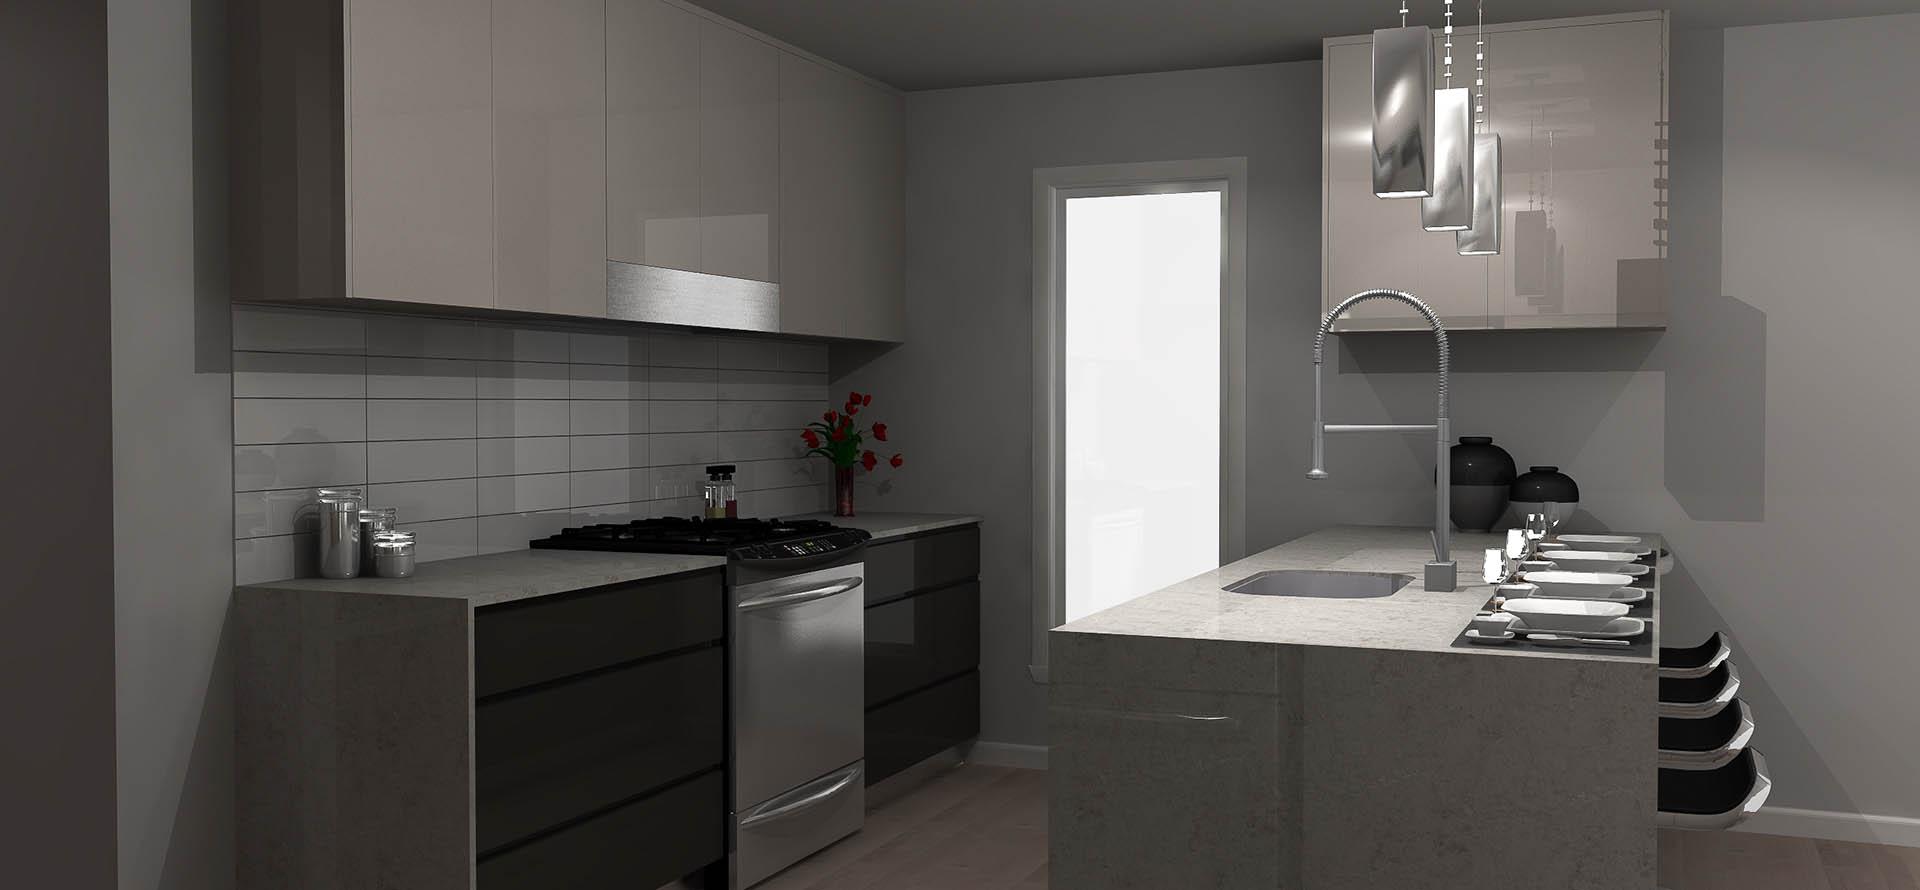 Plan de cuisine en 3d for Projet de cuisine en 3d